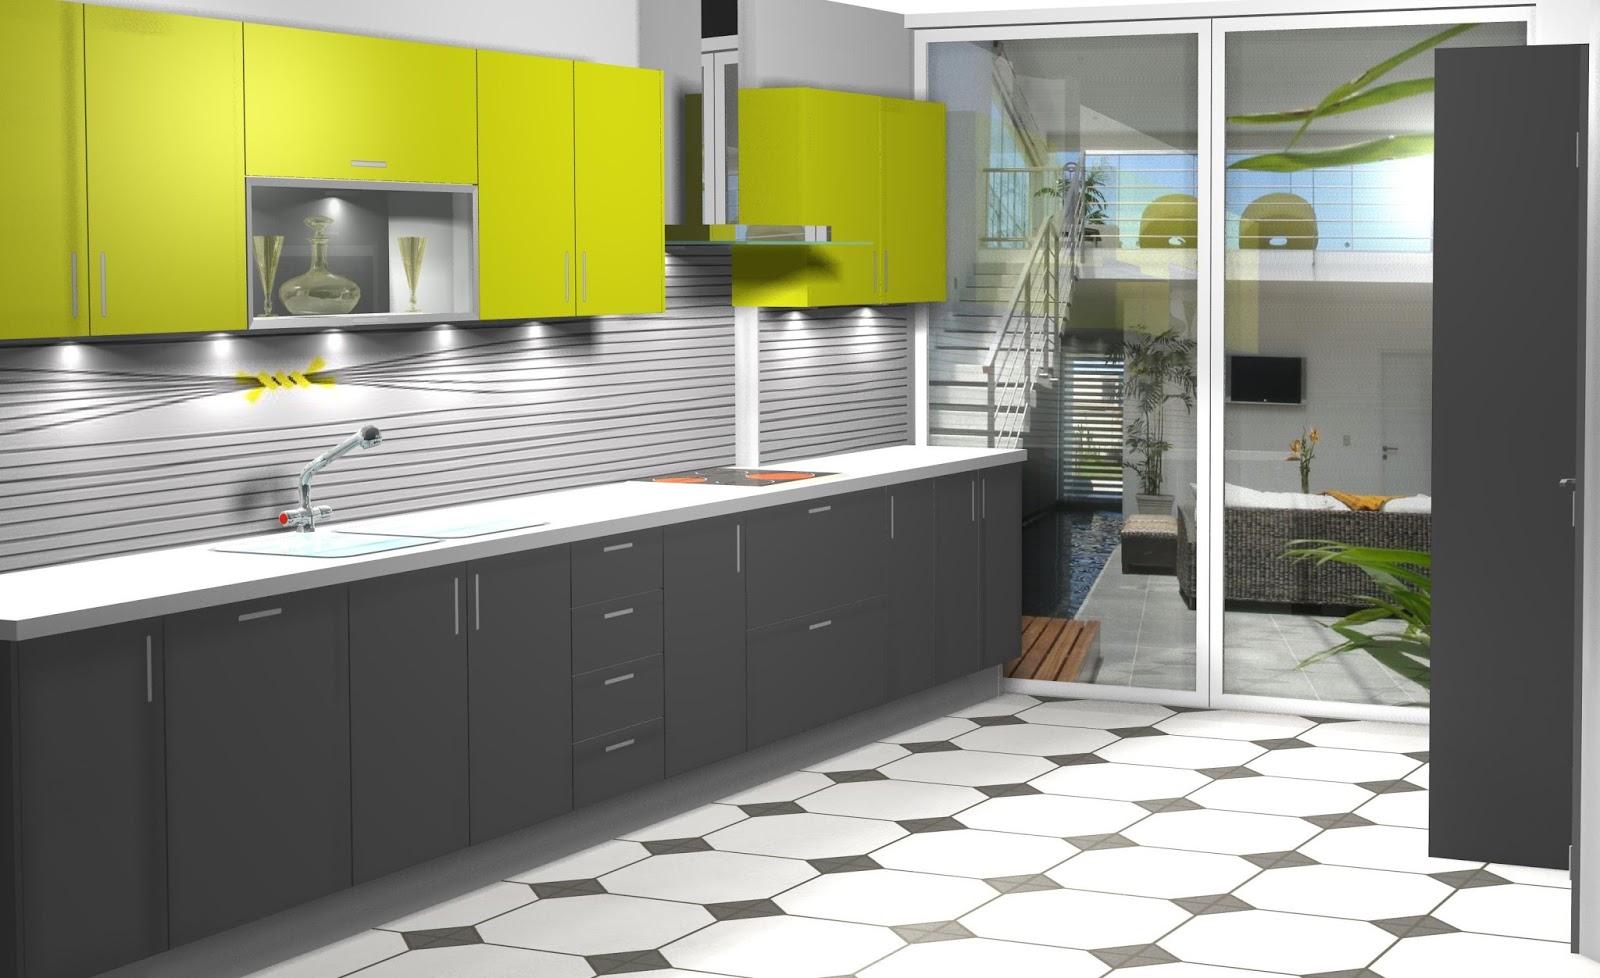 Dise o muebles de cocina julio 2016 for Diseno cocinas paralelo